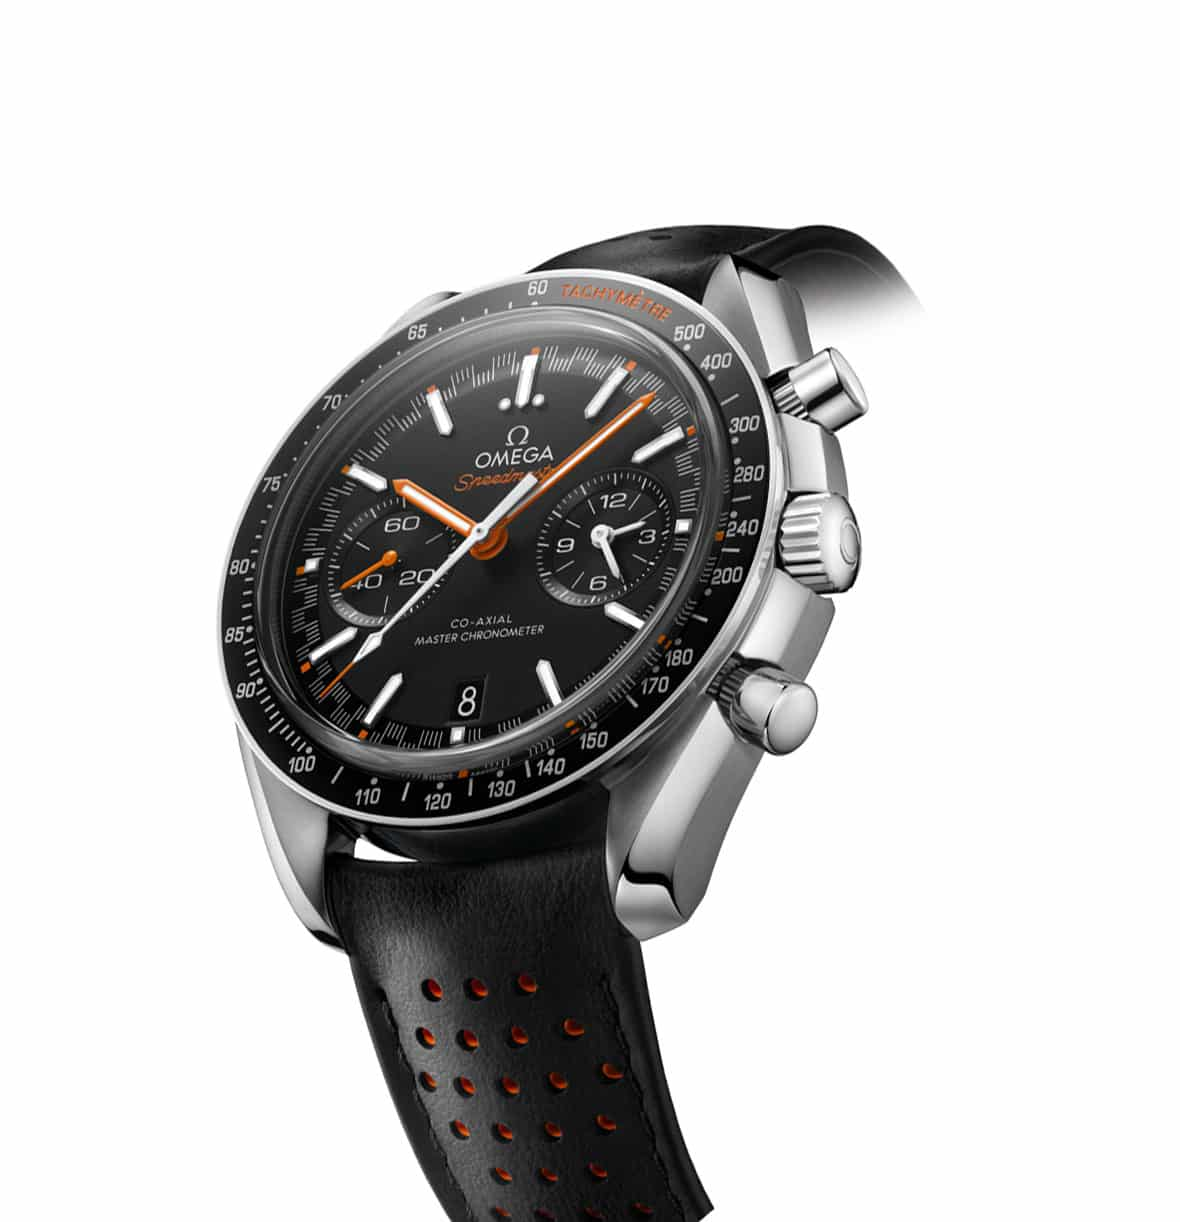 Montre-Omega-Speedmaster-Racing-Master-Chronometer-329.32.44.51.01.001Lionel-Meylan-Horlogerie-Joaillerie-Vevey